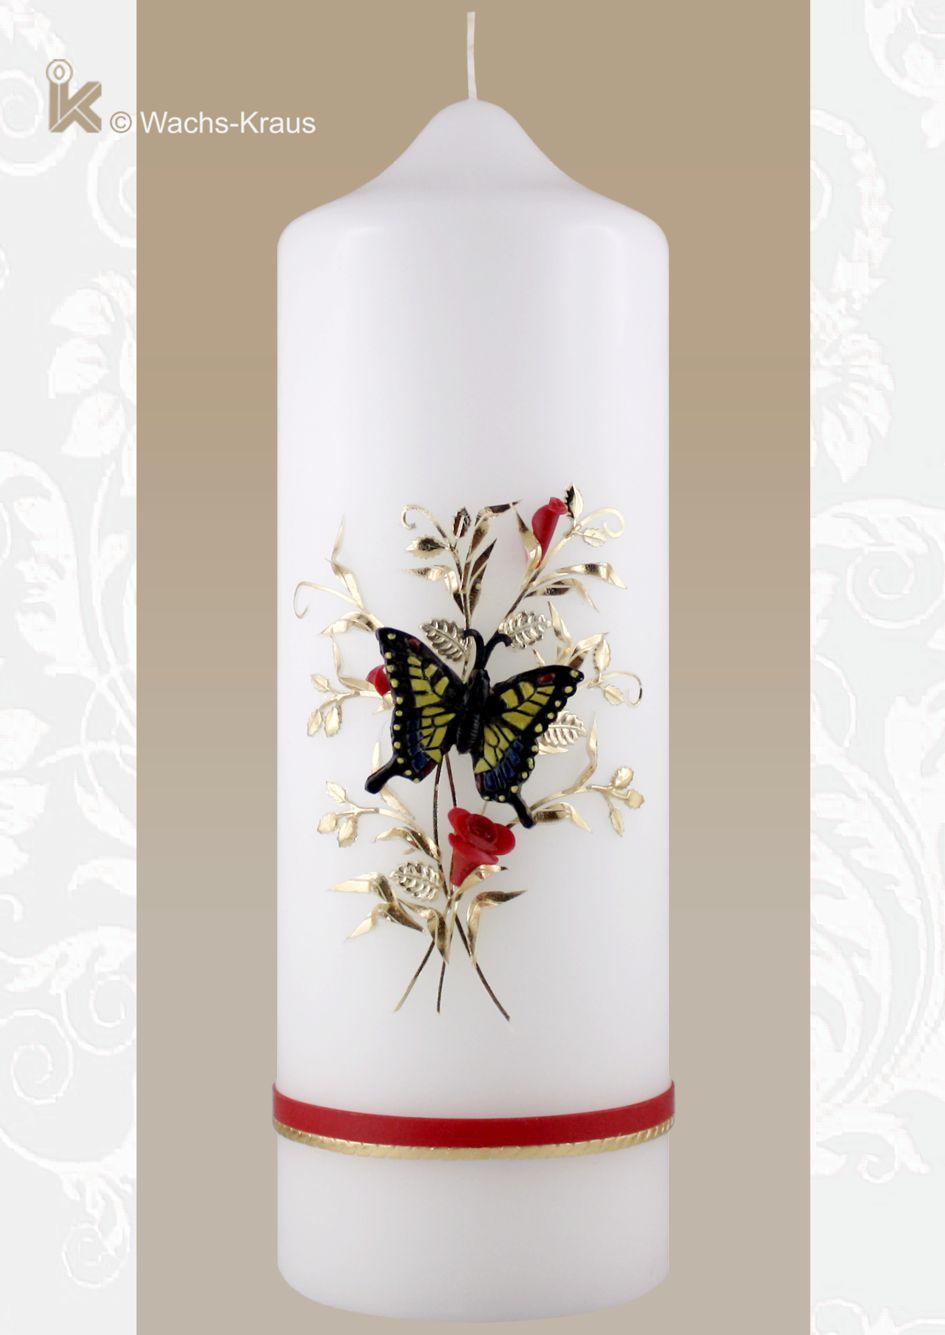 Einzigartig: Geburtstagskerze mit einem Schmetterling